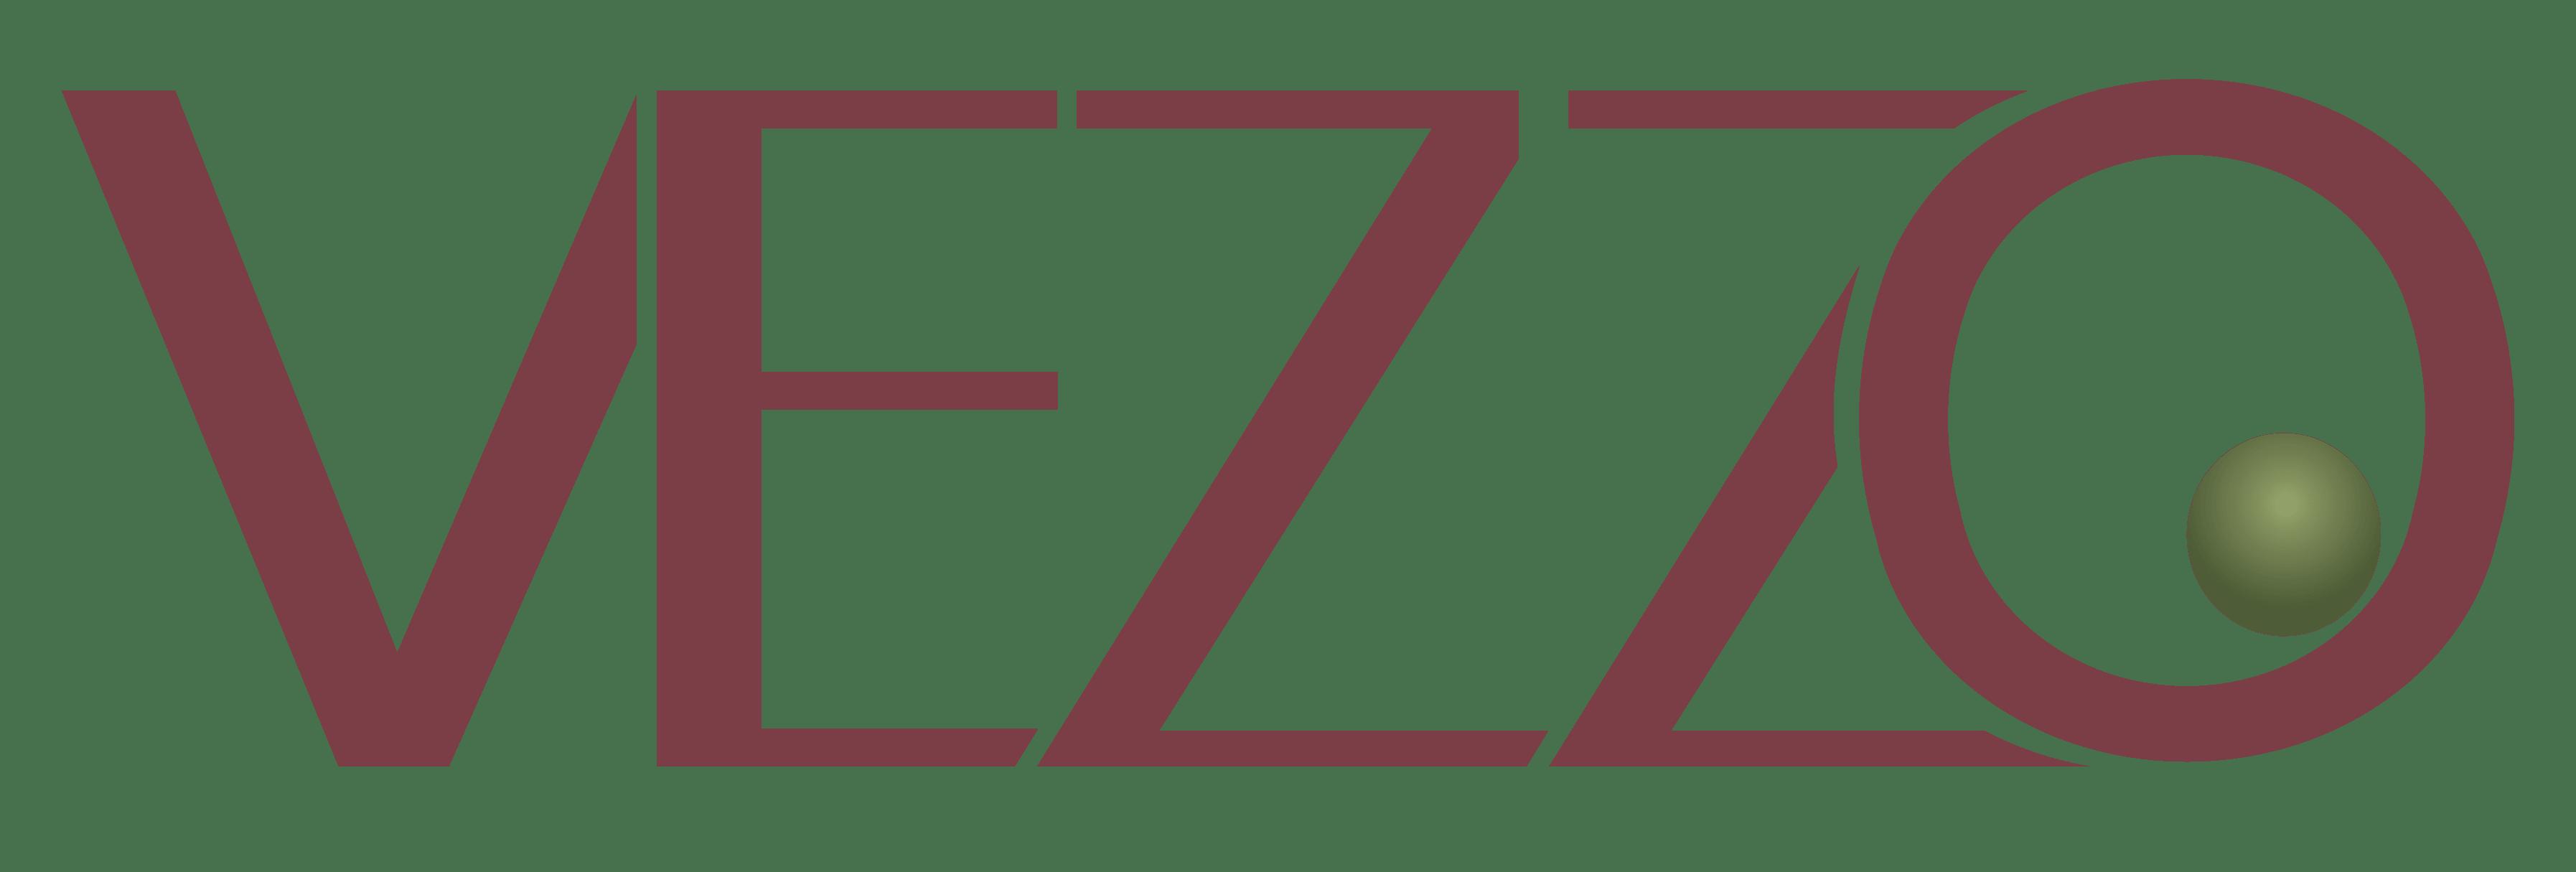 Logo Vezzo